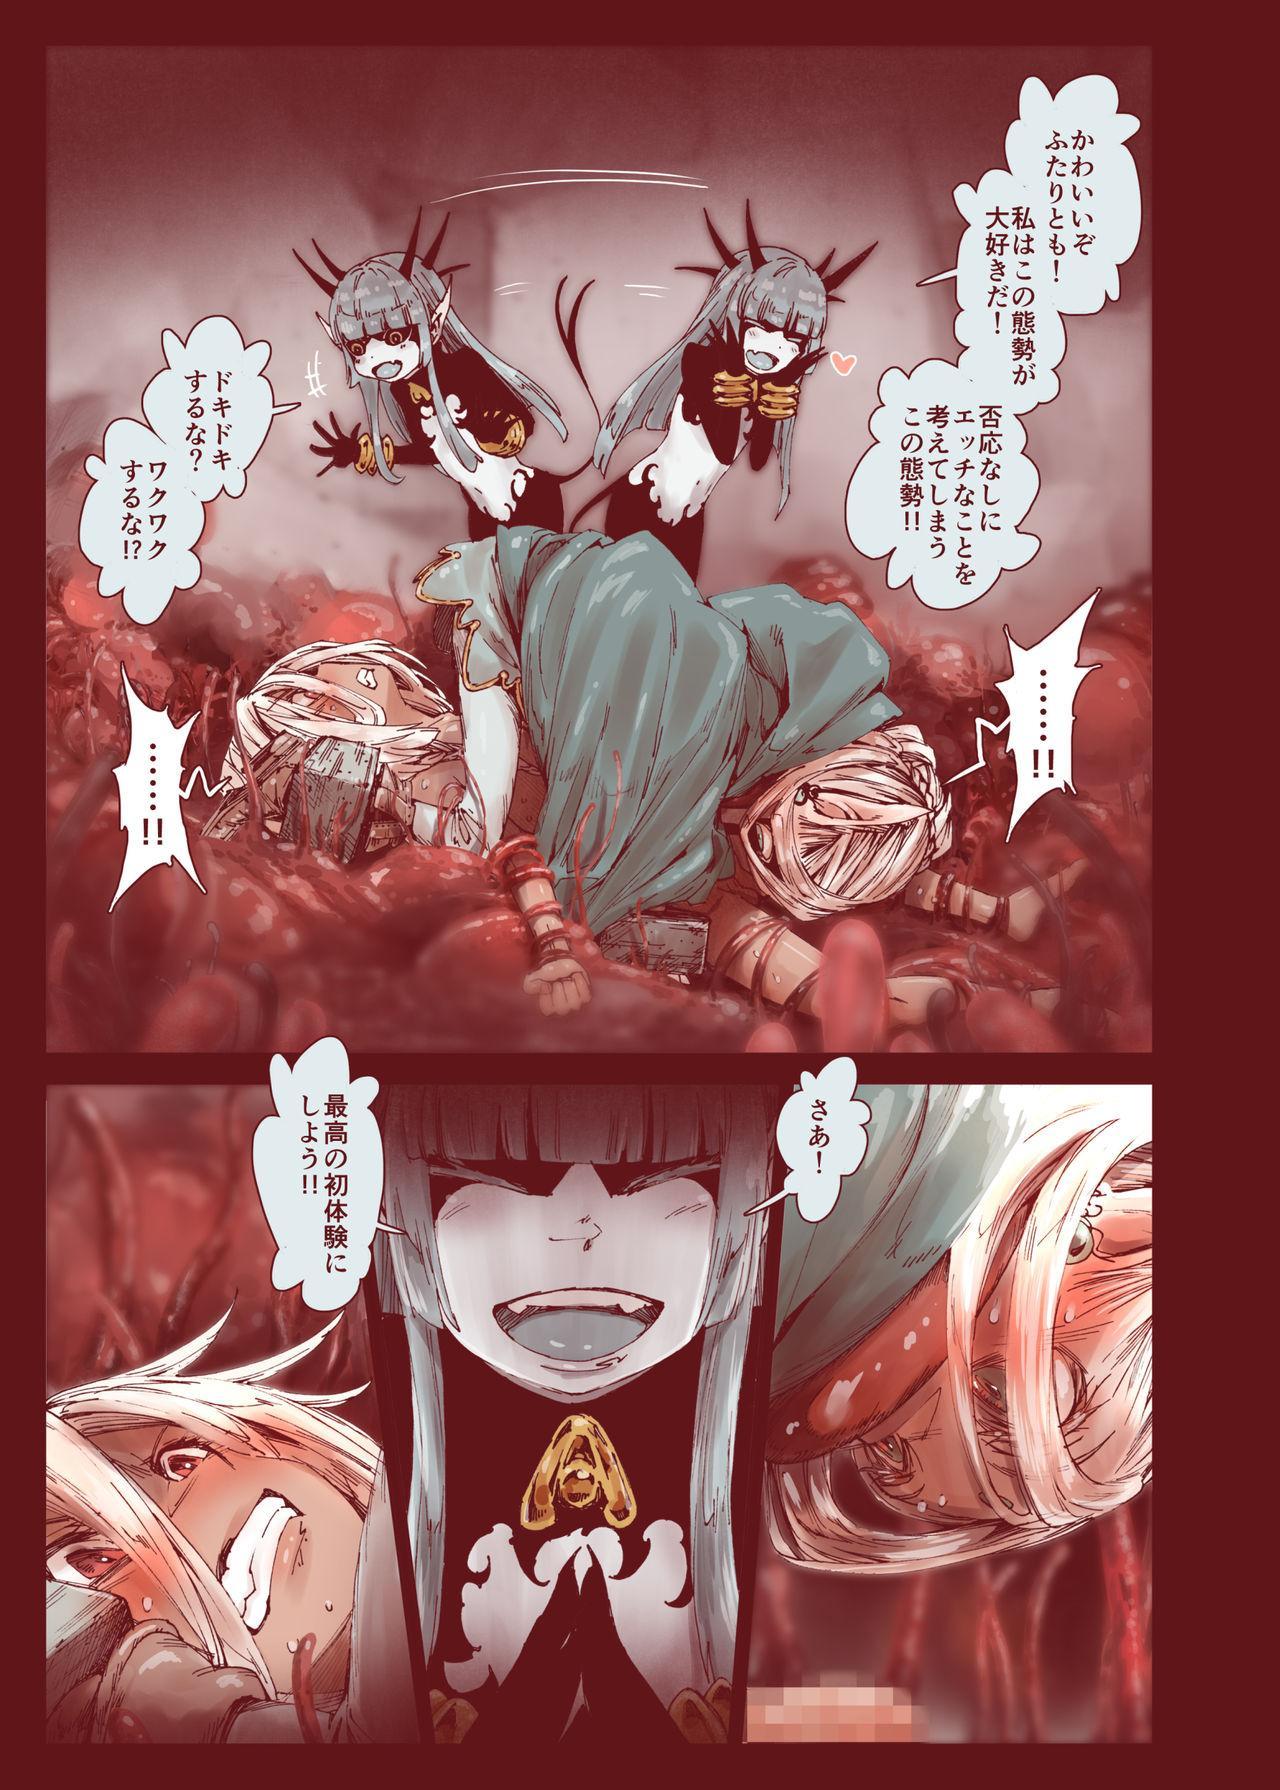 Daraku no Majo ~Shounen Yuusha to Tsurupeta Elf wa Ika ni Shite Majo ni Yabureta ka 24